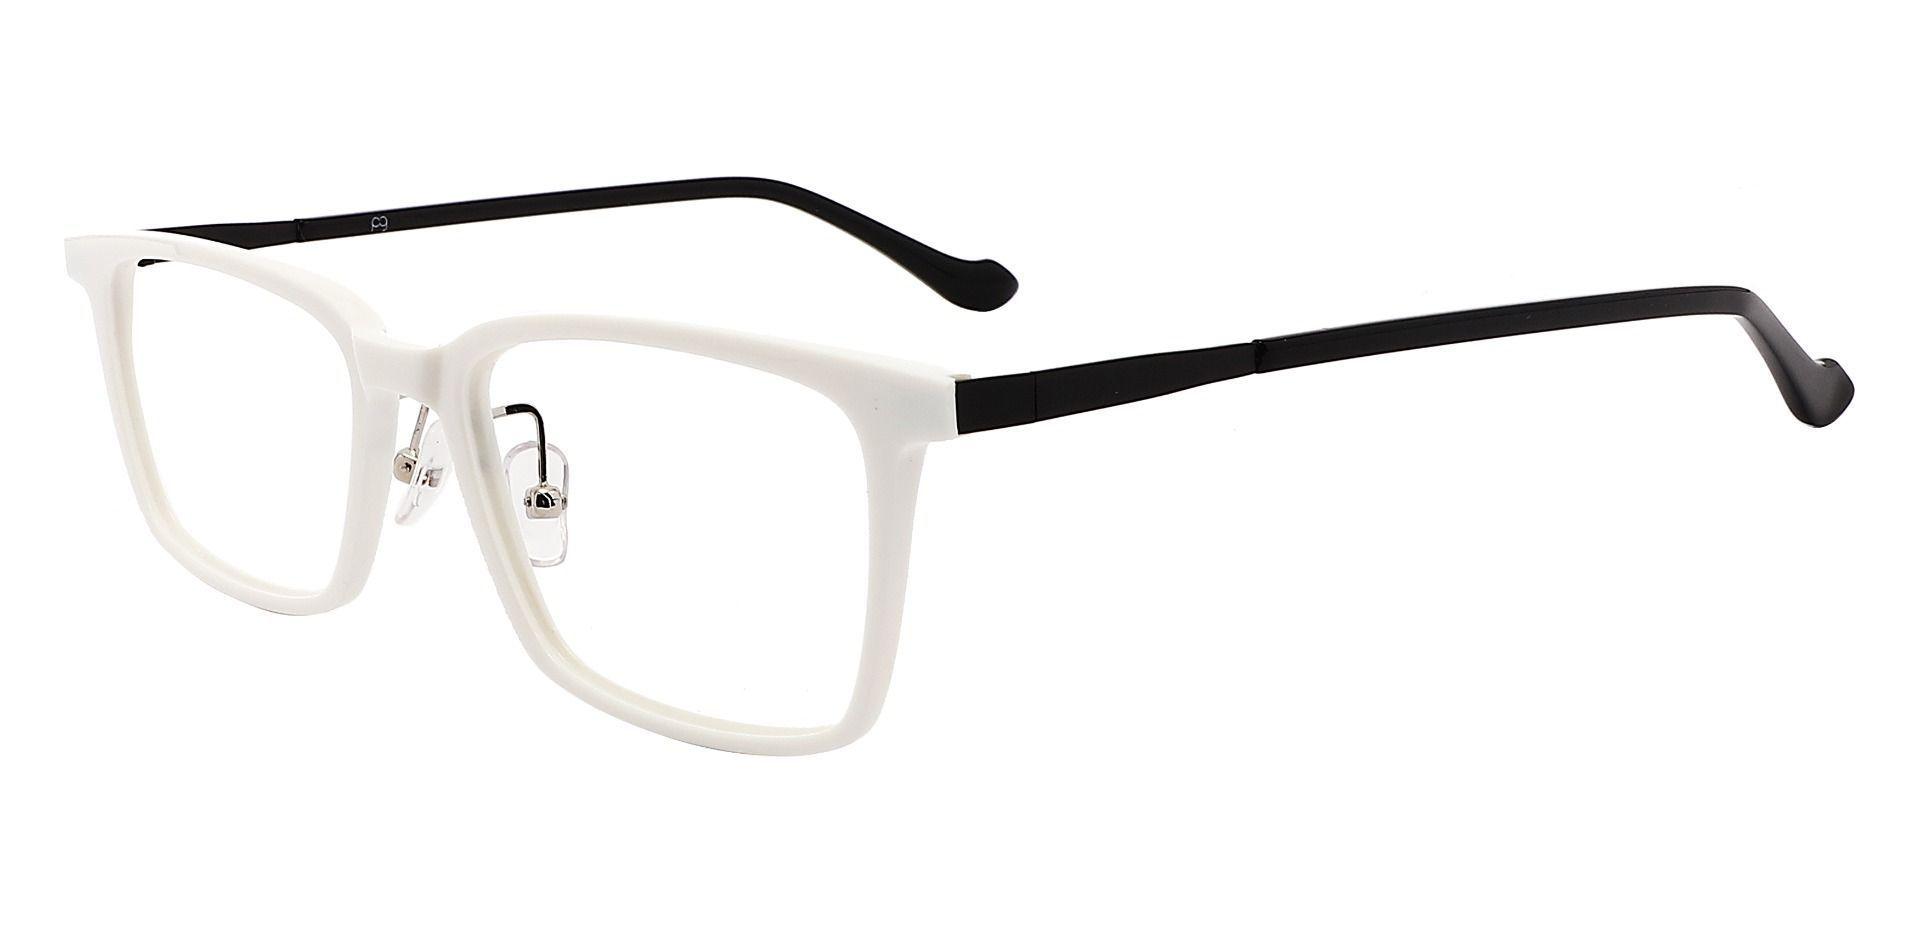 Panama Rectangle Non-Rx Glasses - White